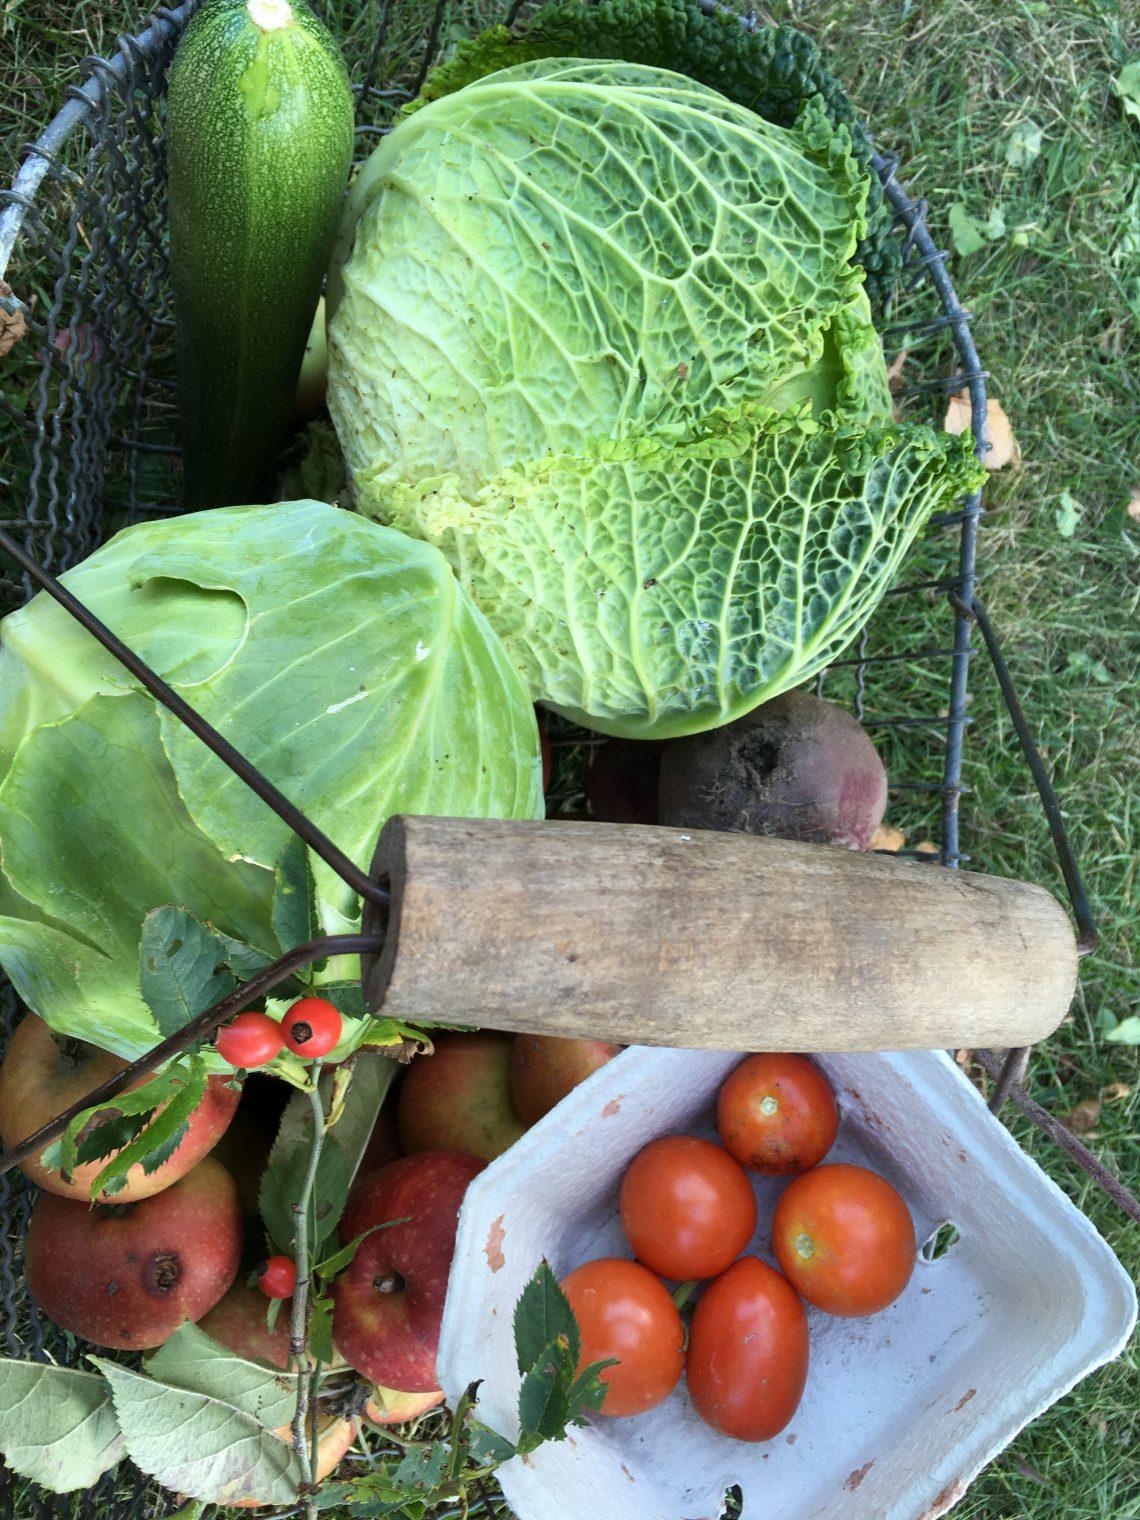 Frisch geerntet aus dem eigenen Garten